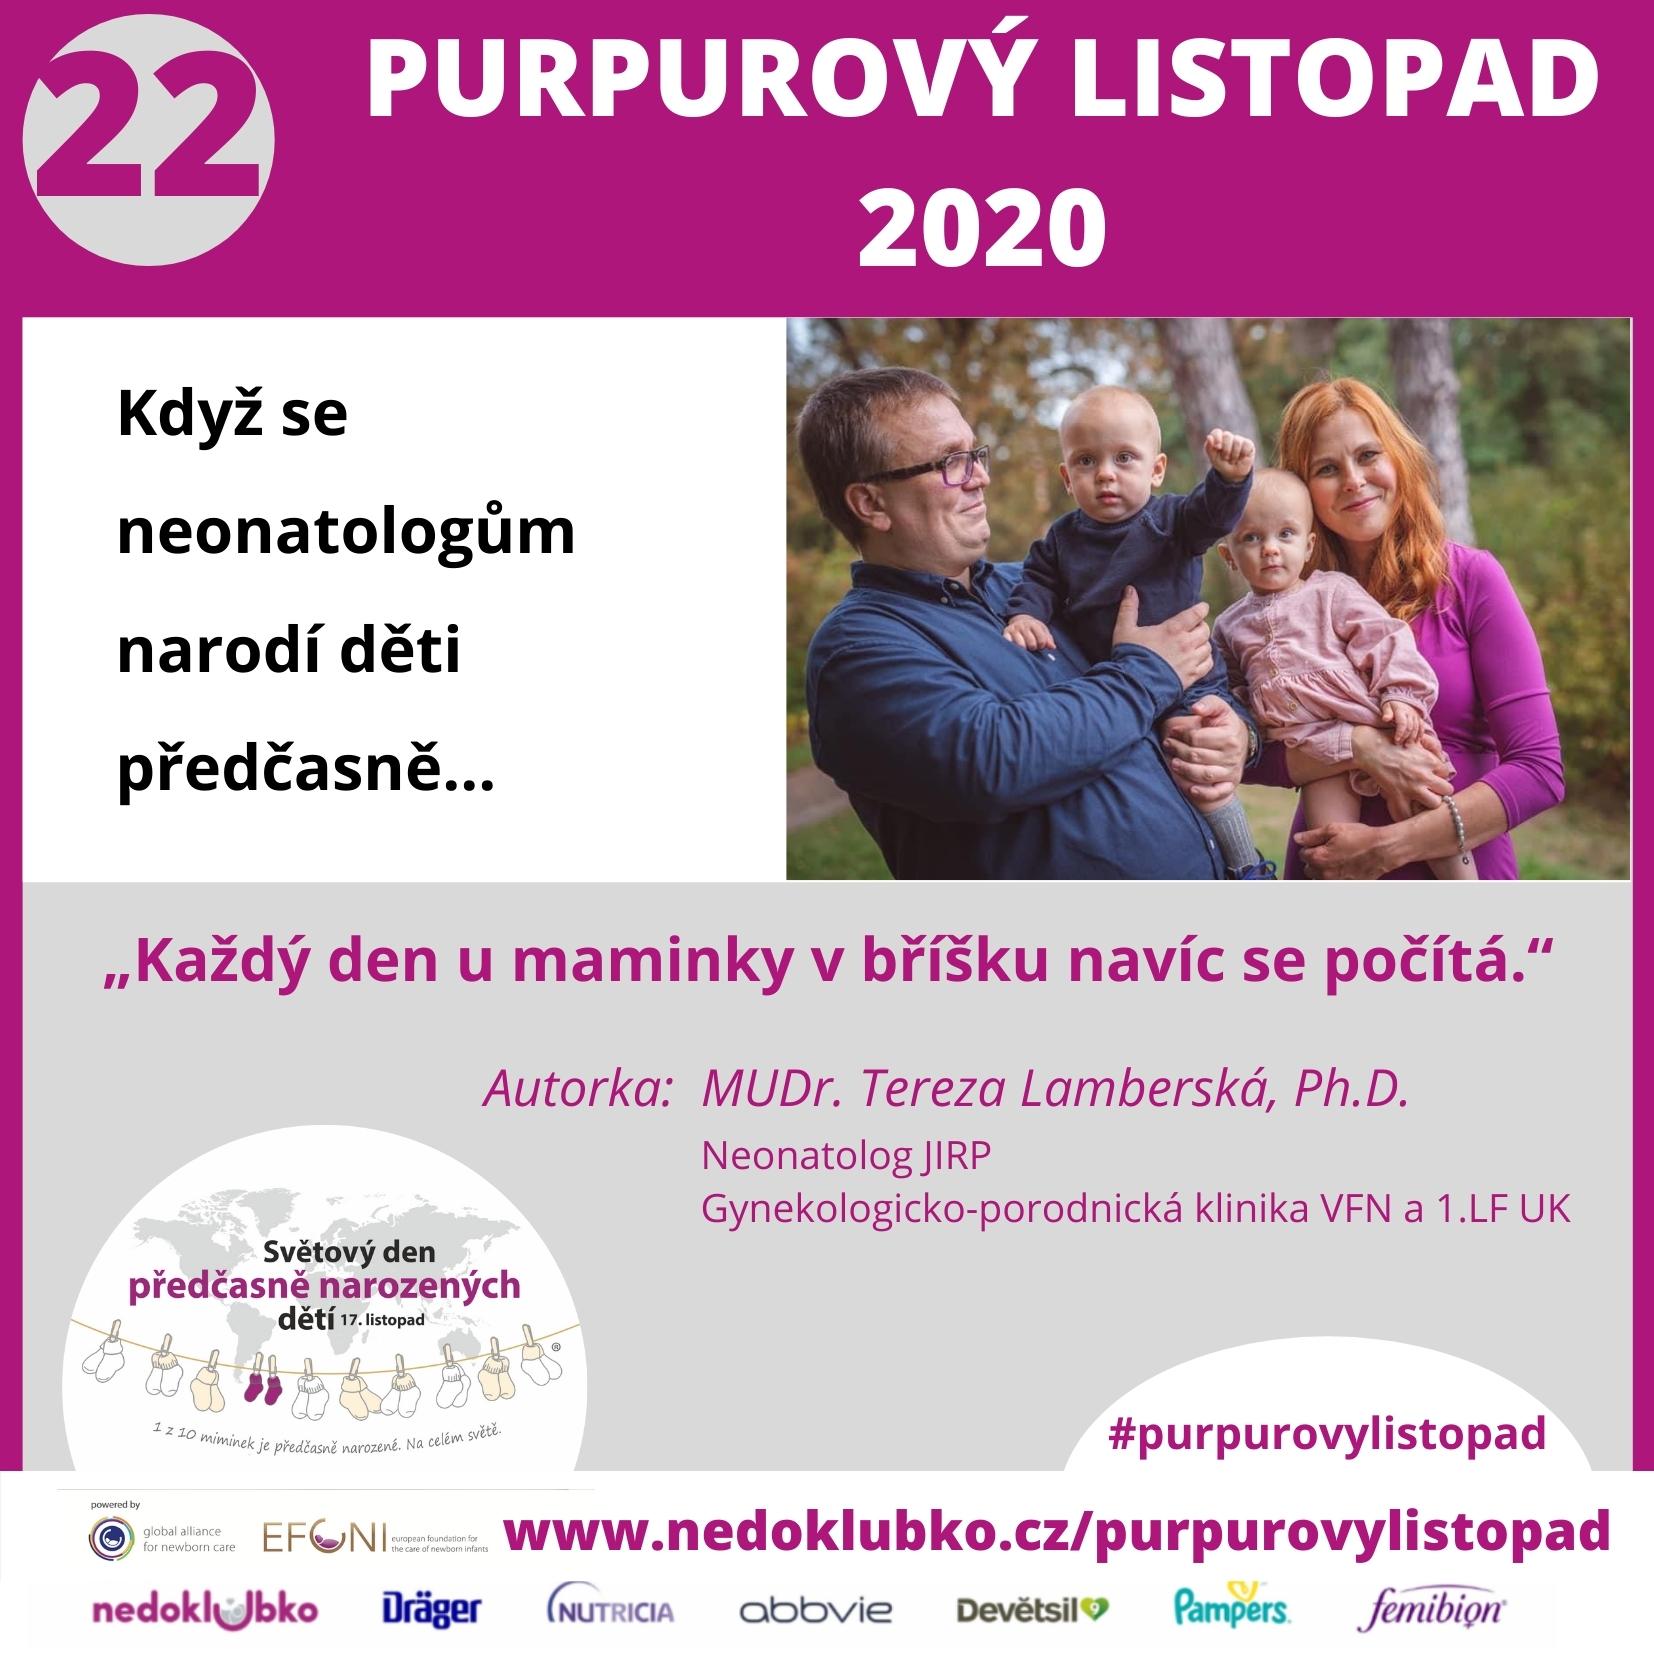 Purpurový listopad22 (3)